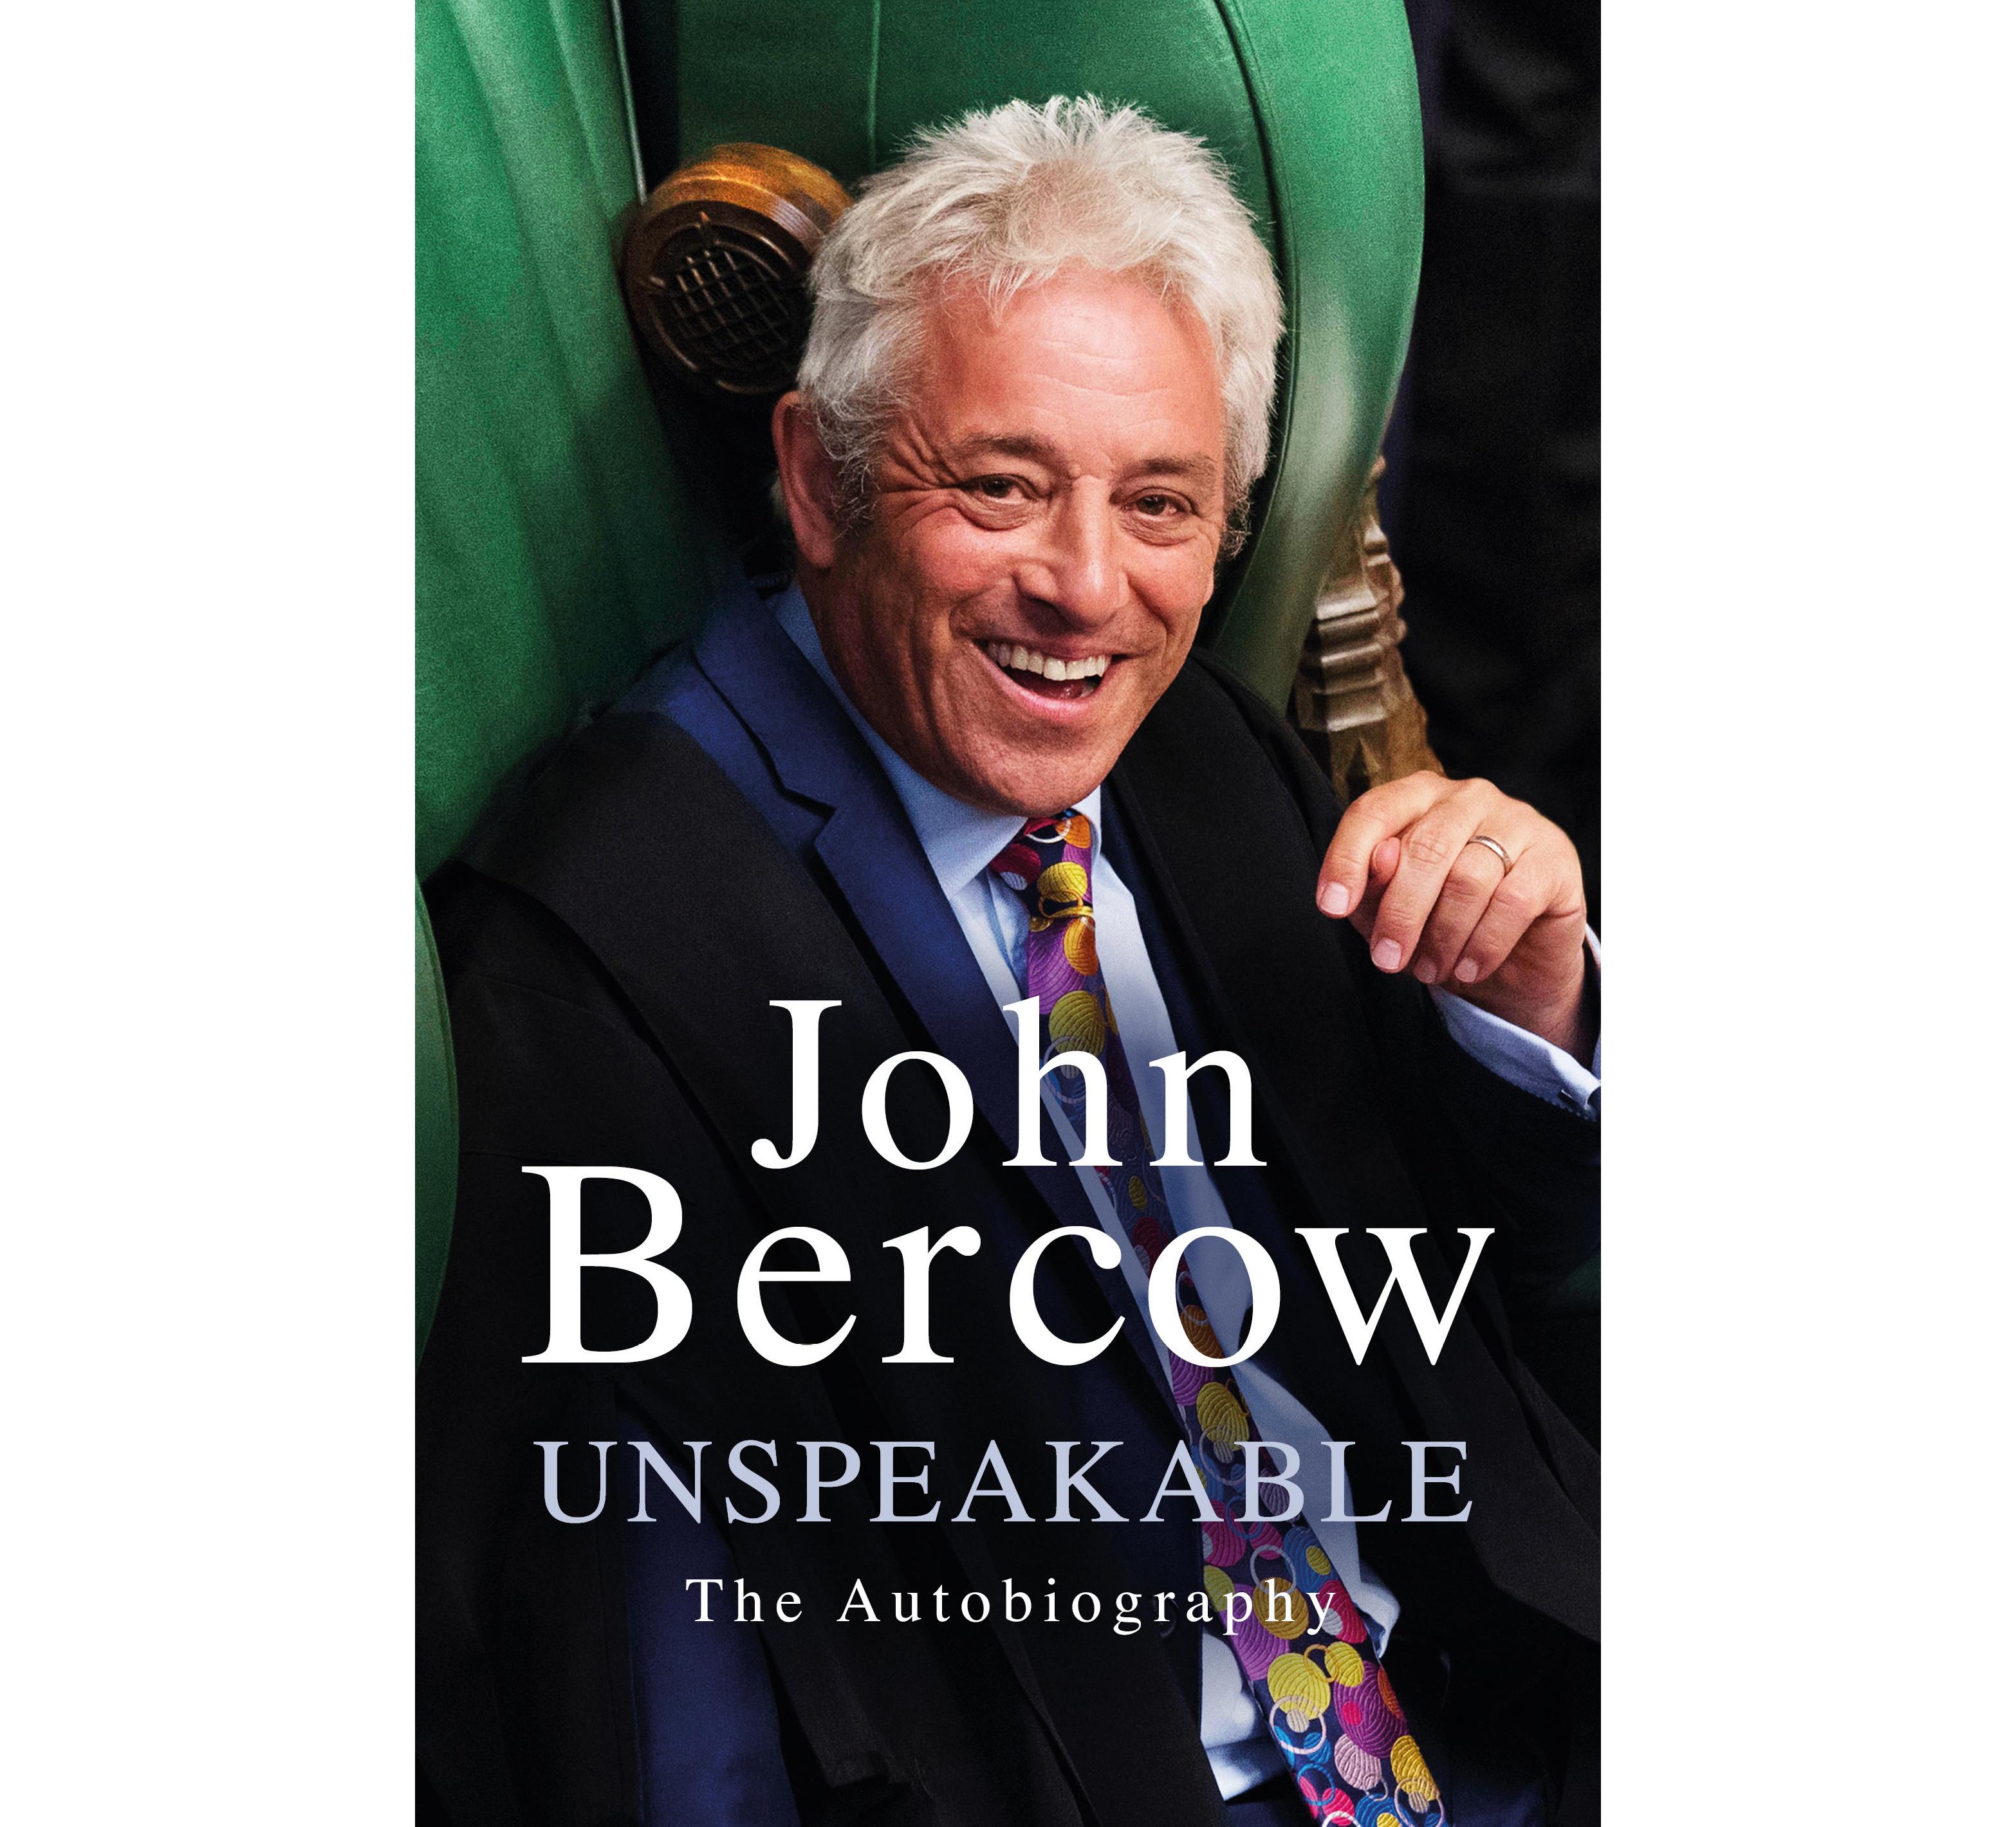 Unspeakable by John Bercow (Weidenfeld & Nicolson/PA)